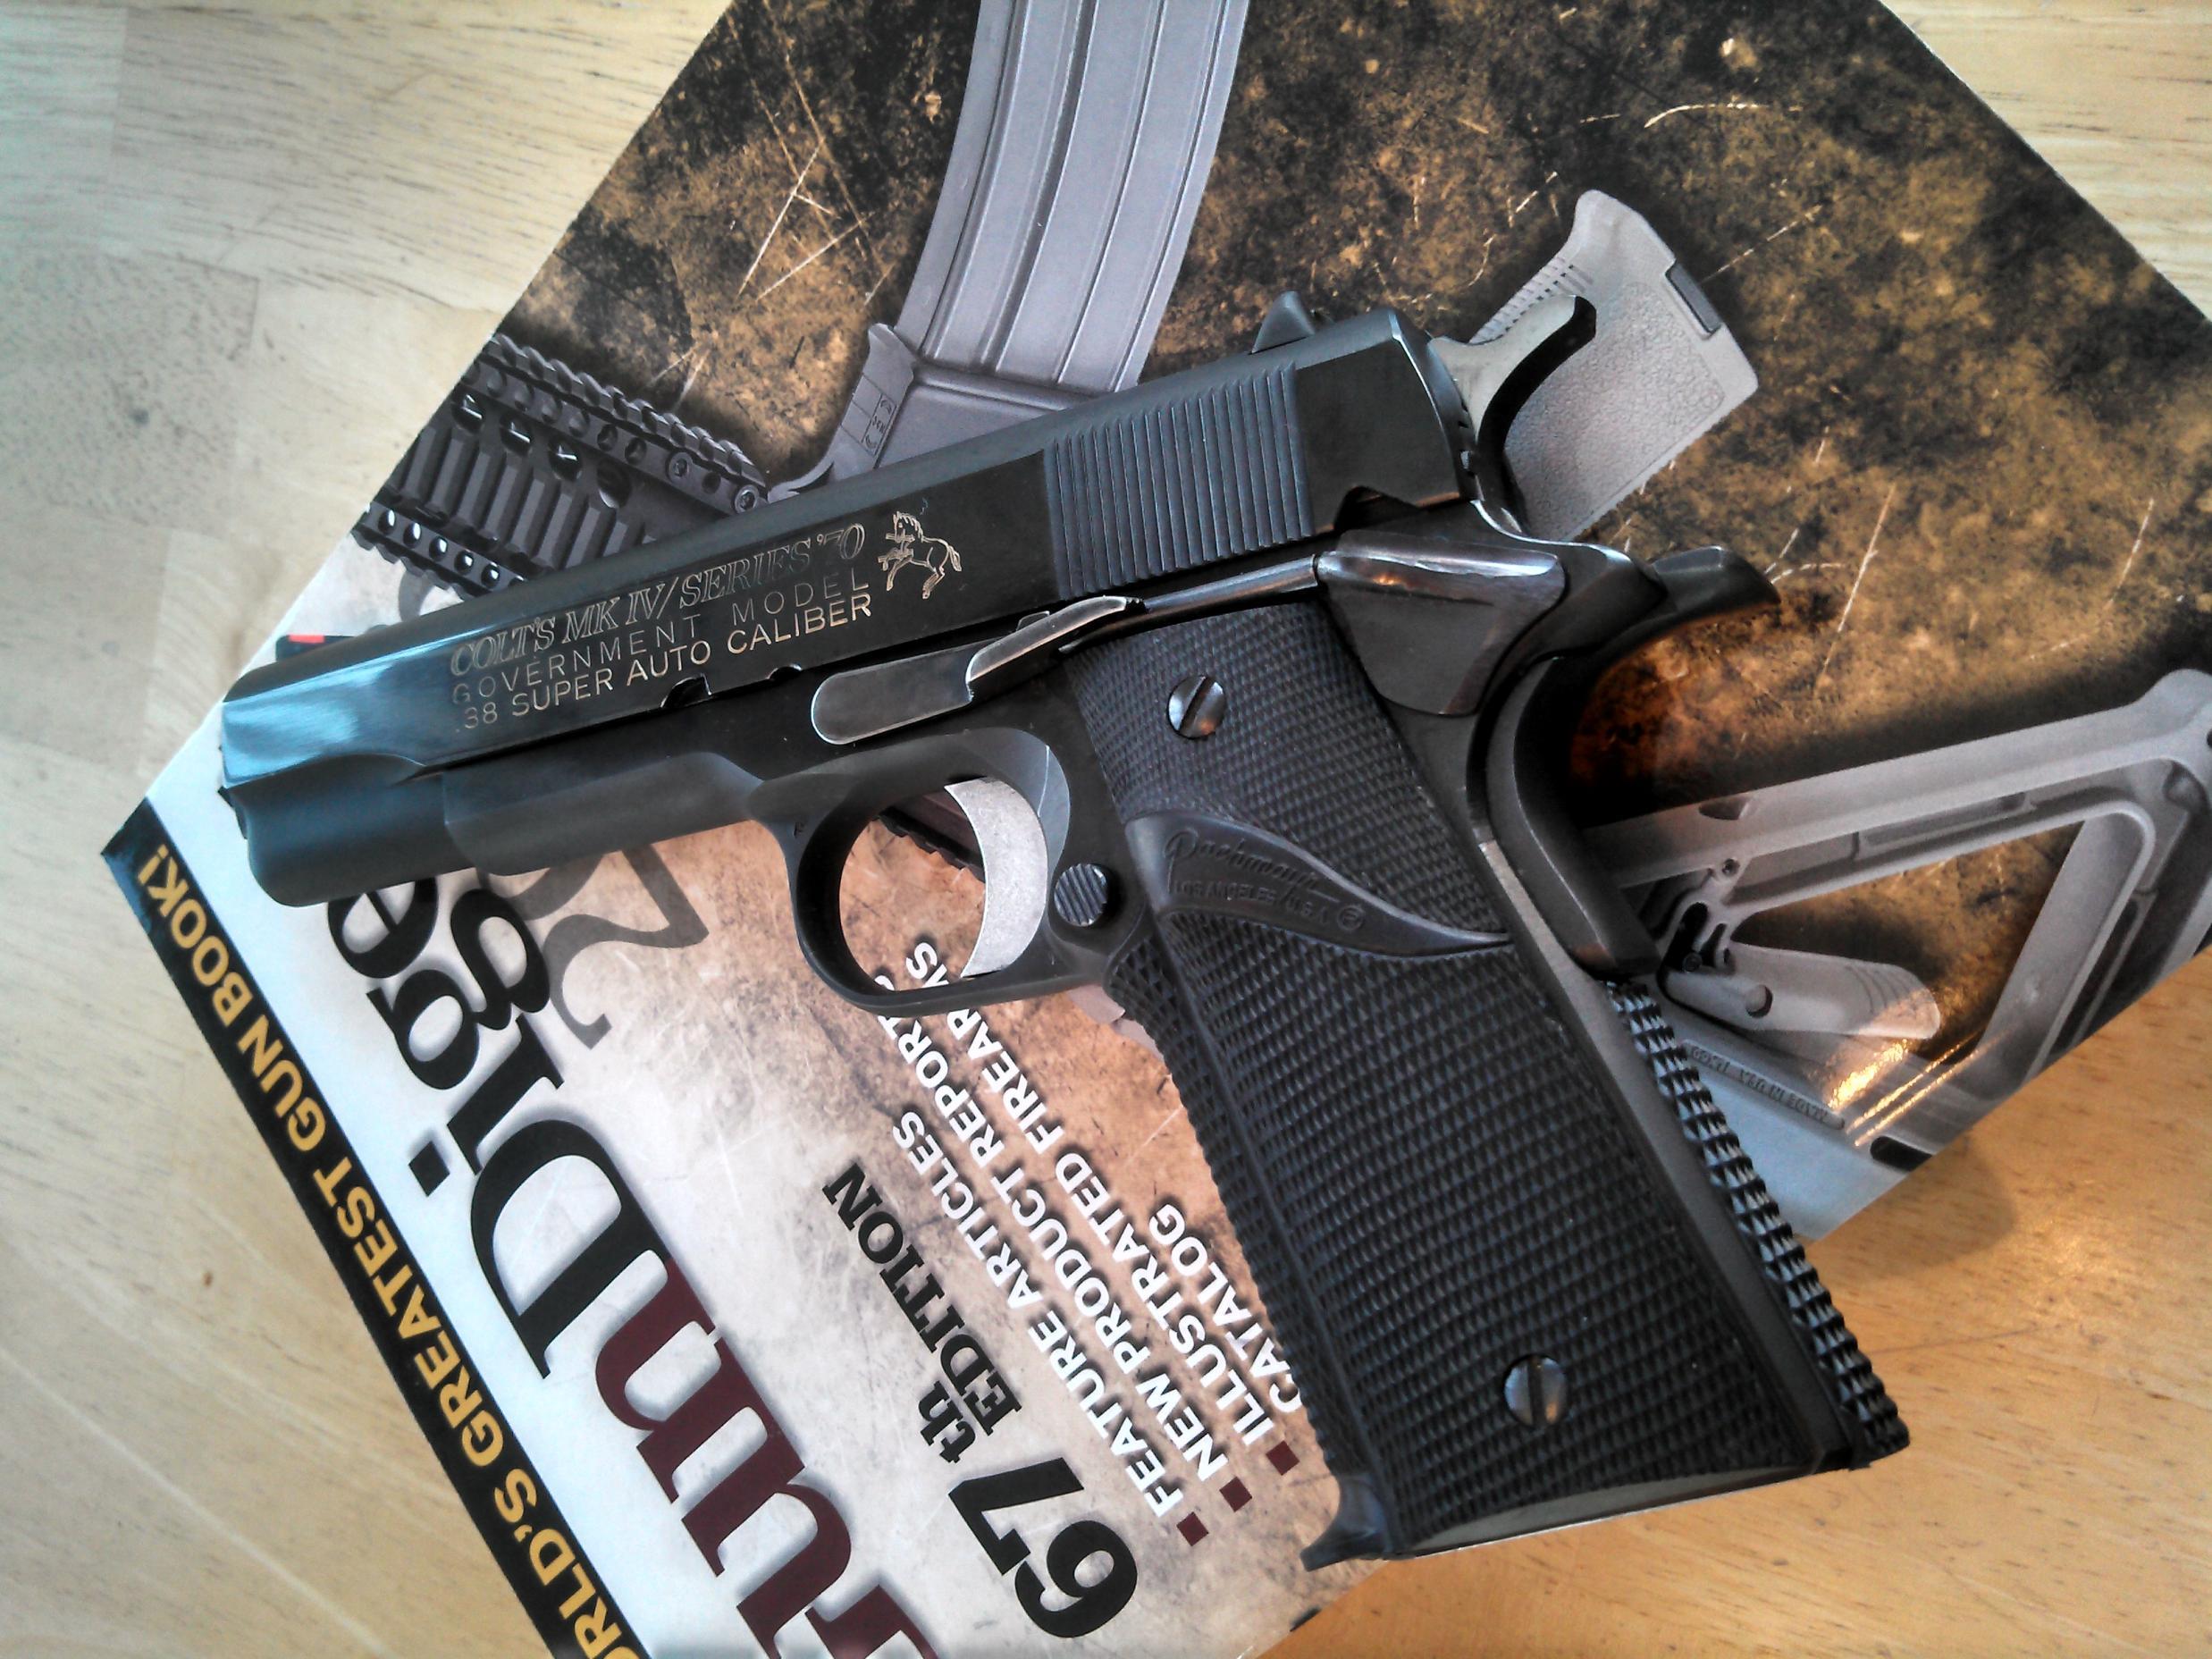 Some gun porn! (Safe for work)-img_20130104_153821_284.jpg